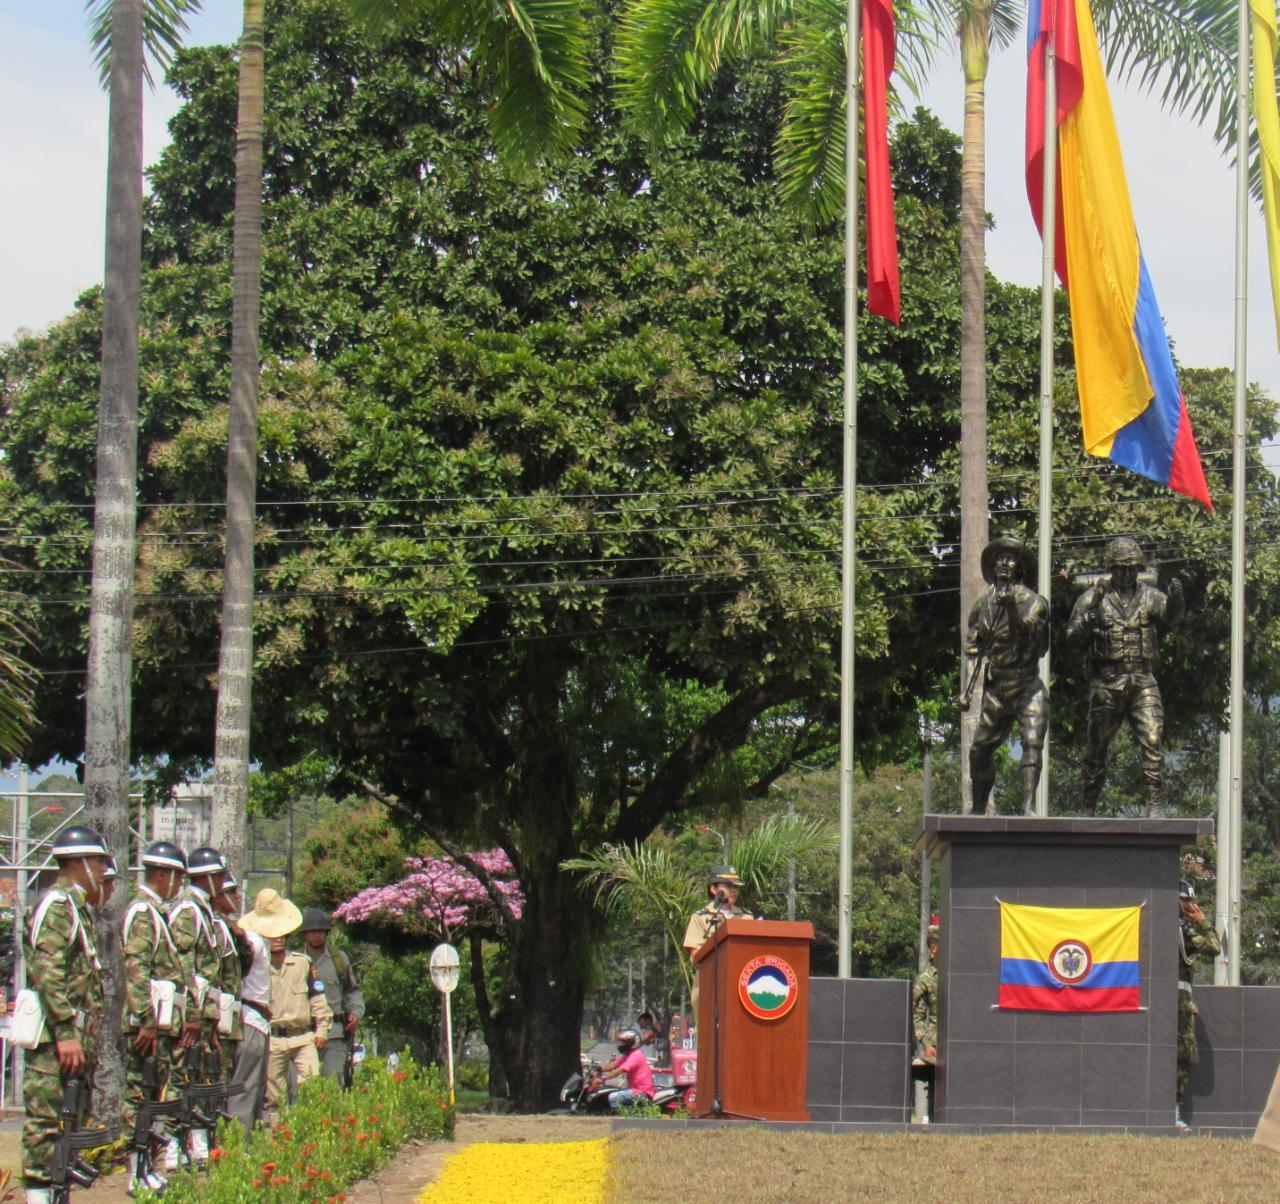 Dieron a conocer el monumento 'Héroes de la Libertad' en la glorieta de El Vergel